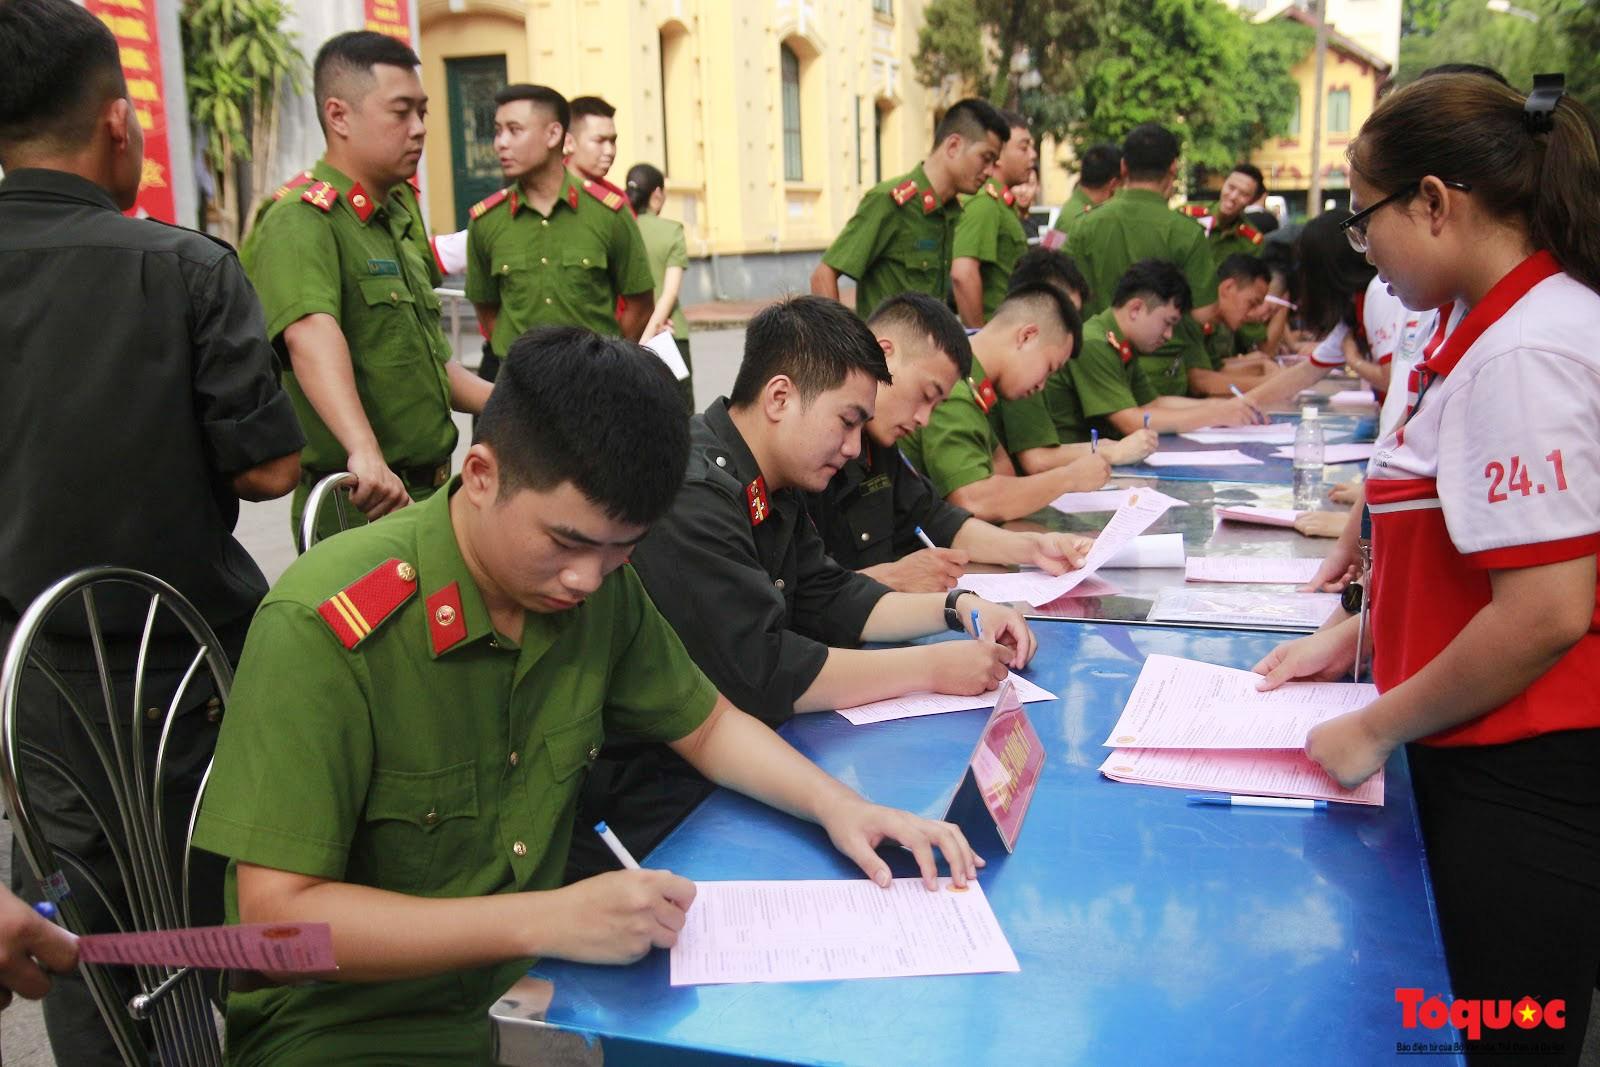 Cán bộ, chiến sỹ CATP Hà Nội hiến máu nghĩa tình vì đồng đội thân yêu (9)